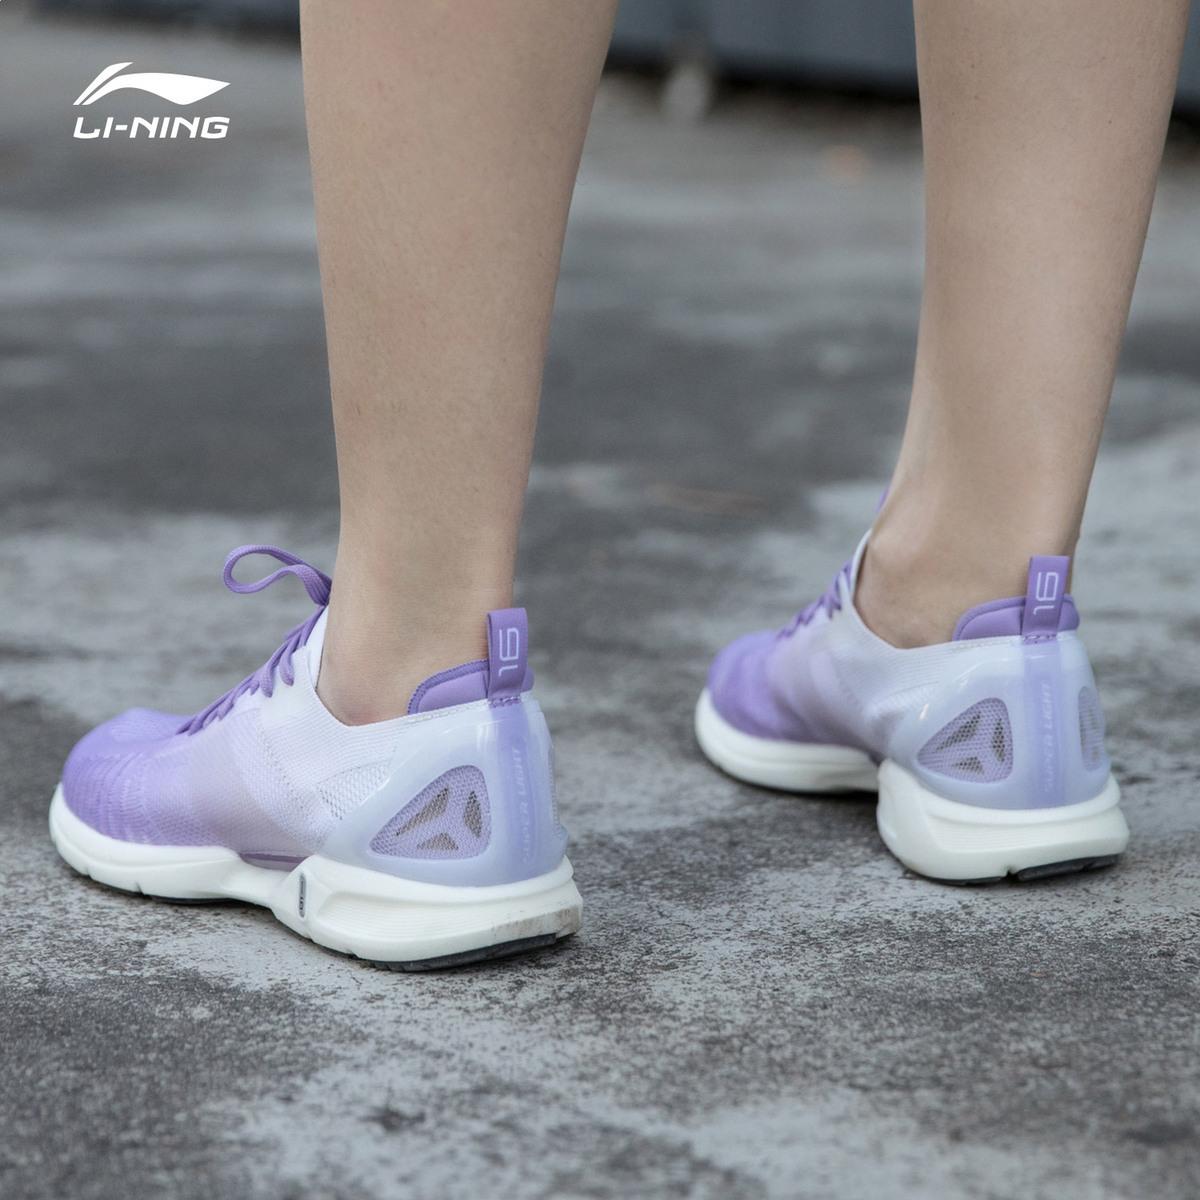 李宁女鞋跑步鞋2019夏季新款超轻16代跑鞋网面透气正品春季运动鞋